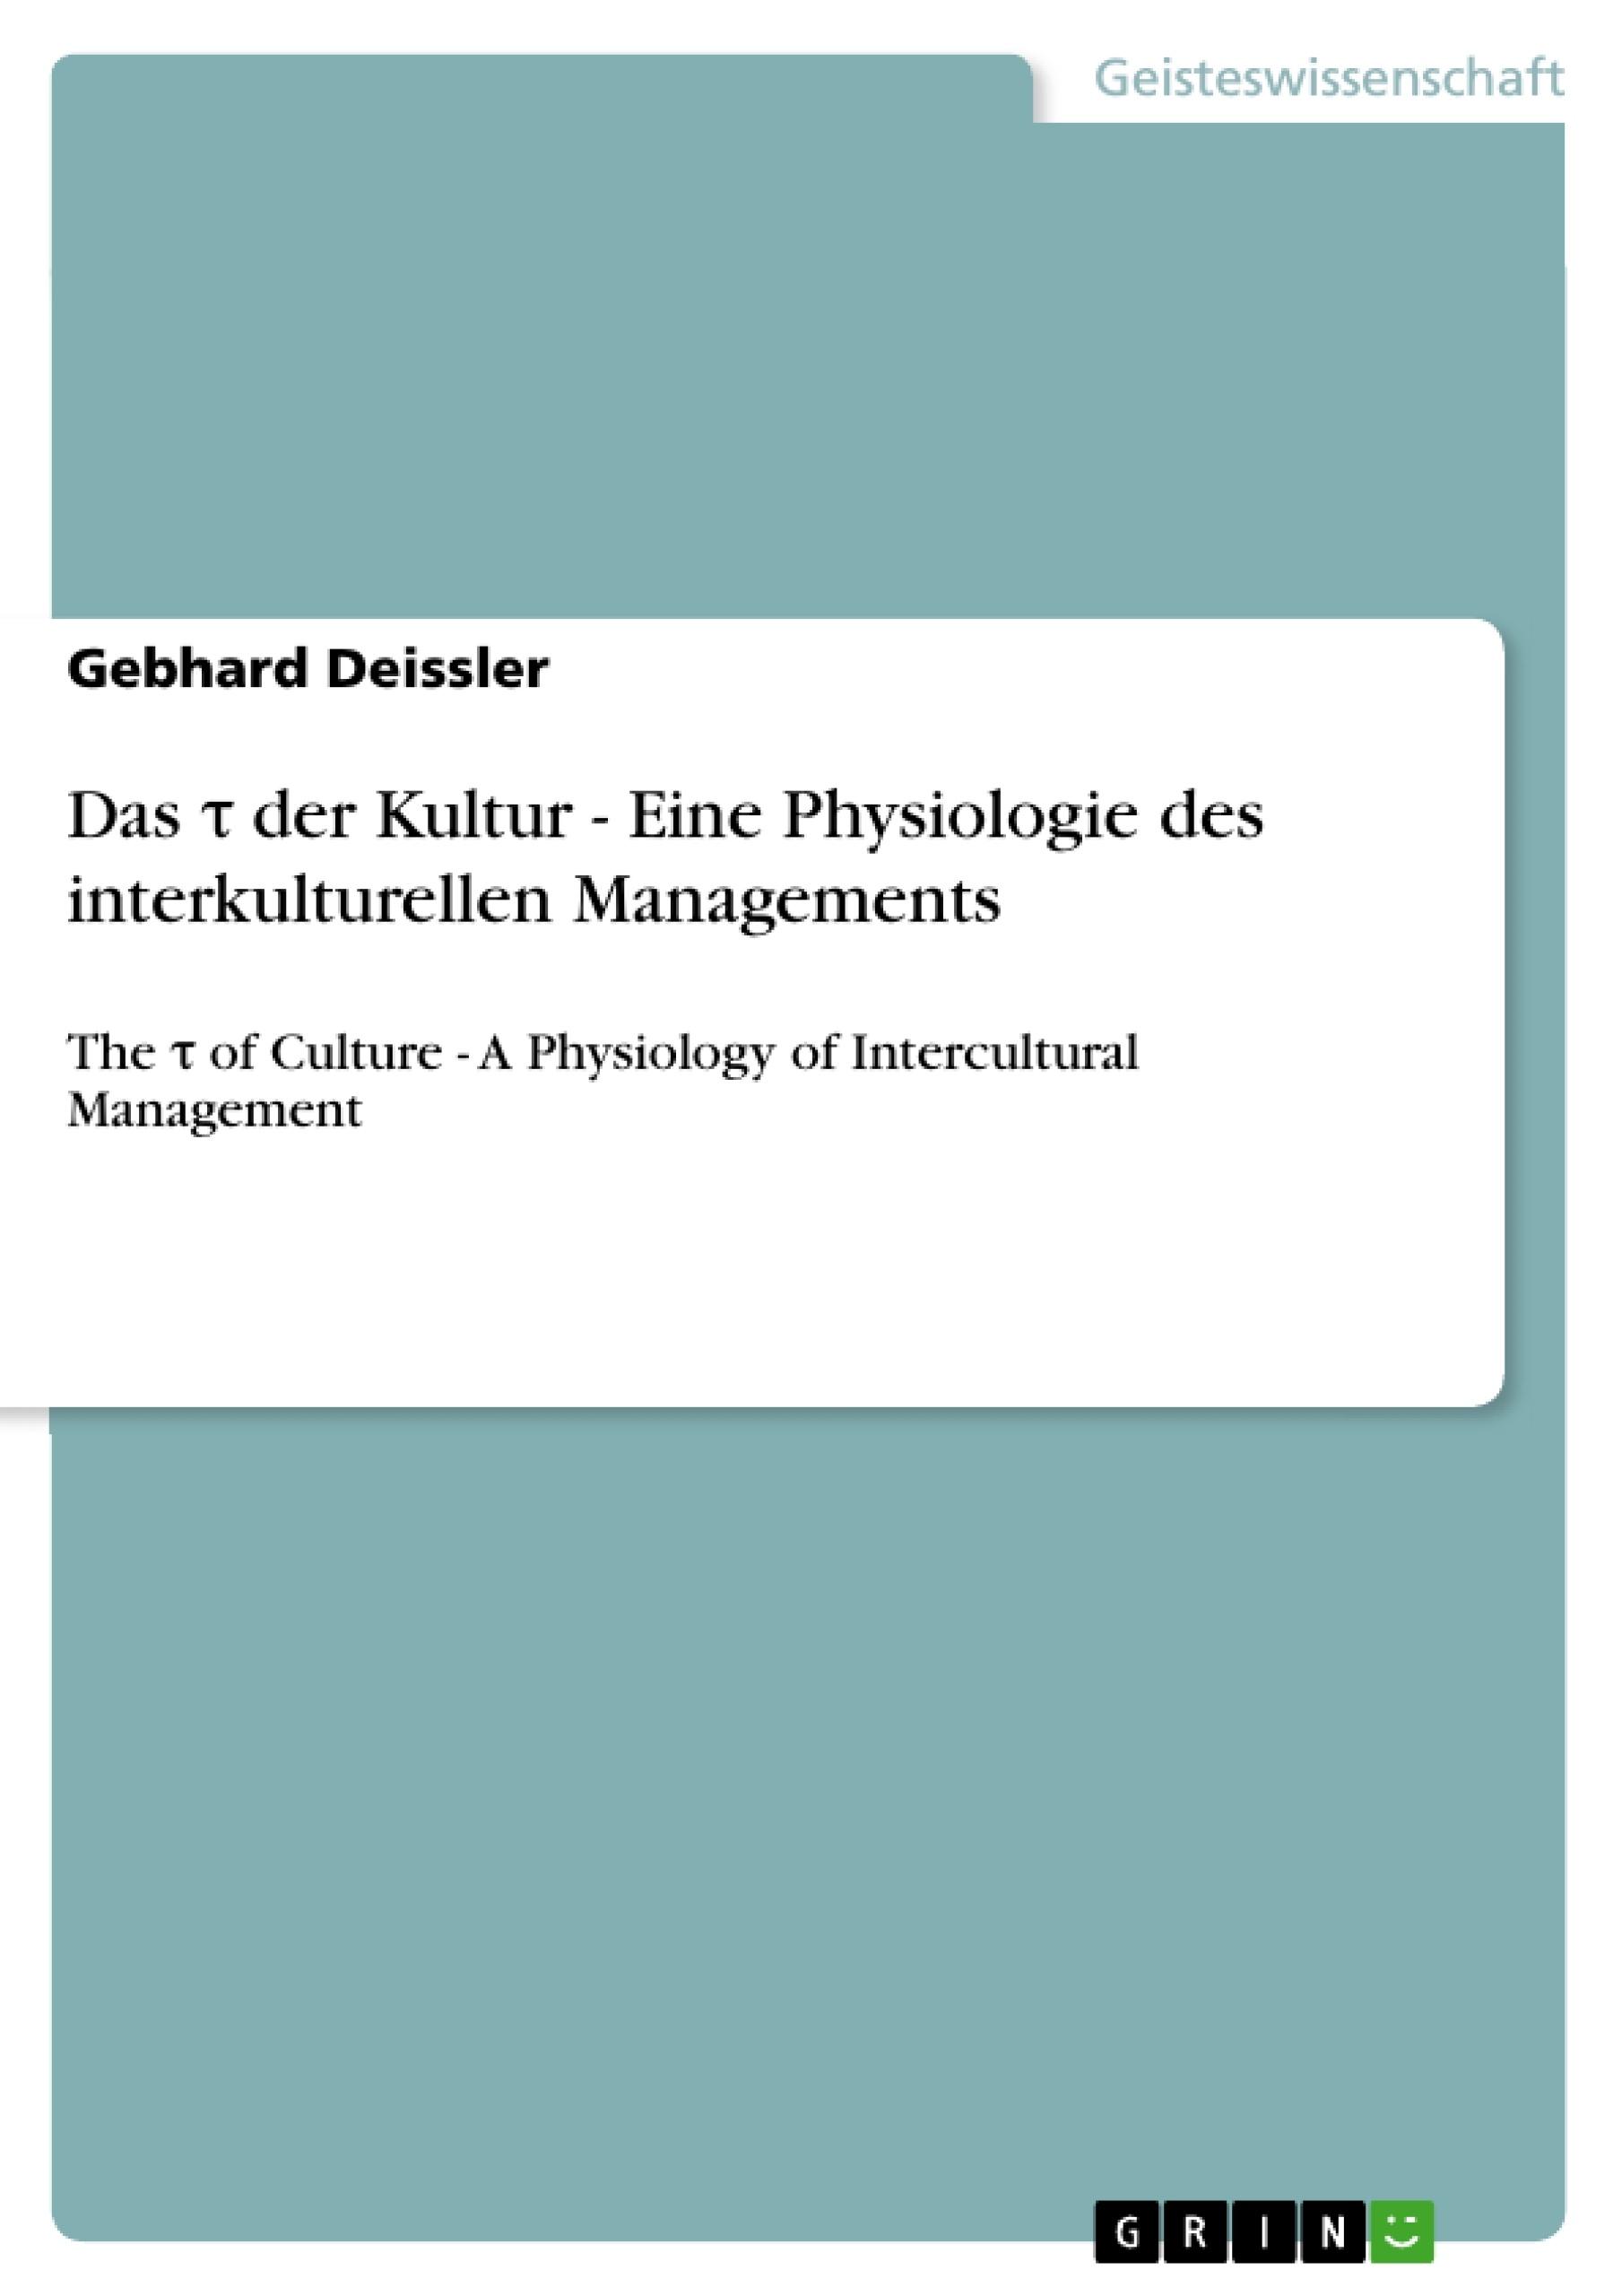 Titel: Das τ der Kultur - Eine Physiologie des interkulturellen Managements